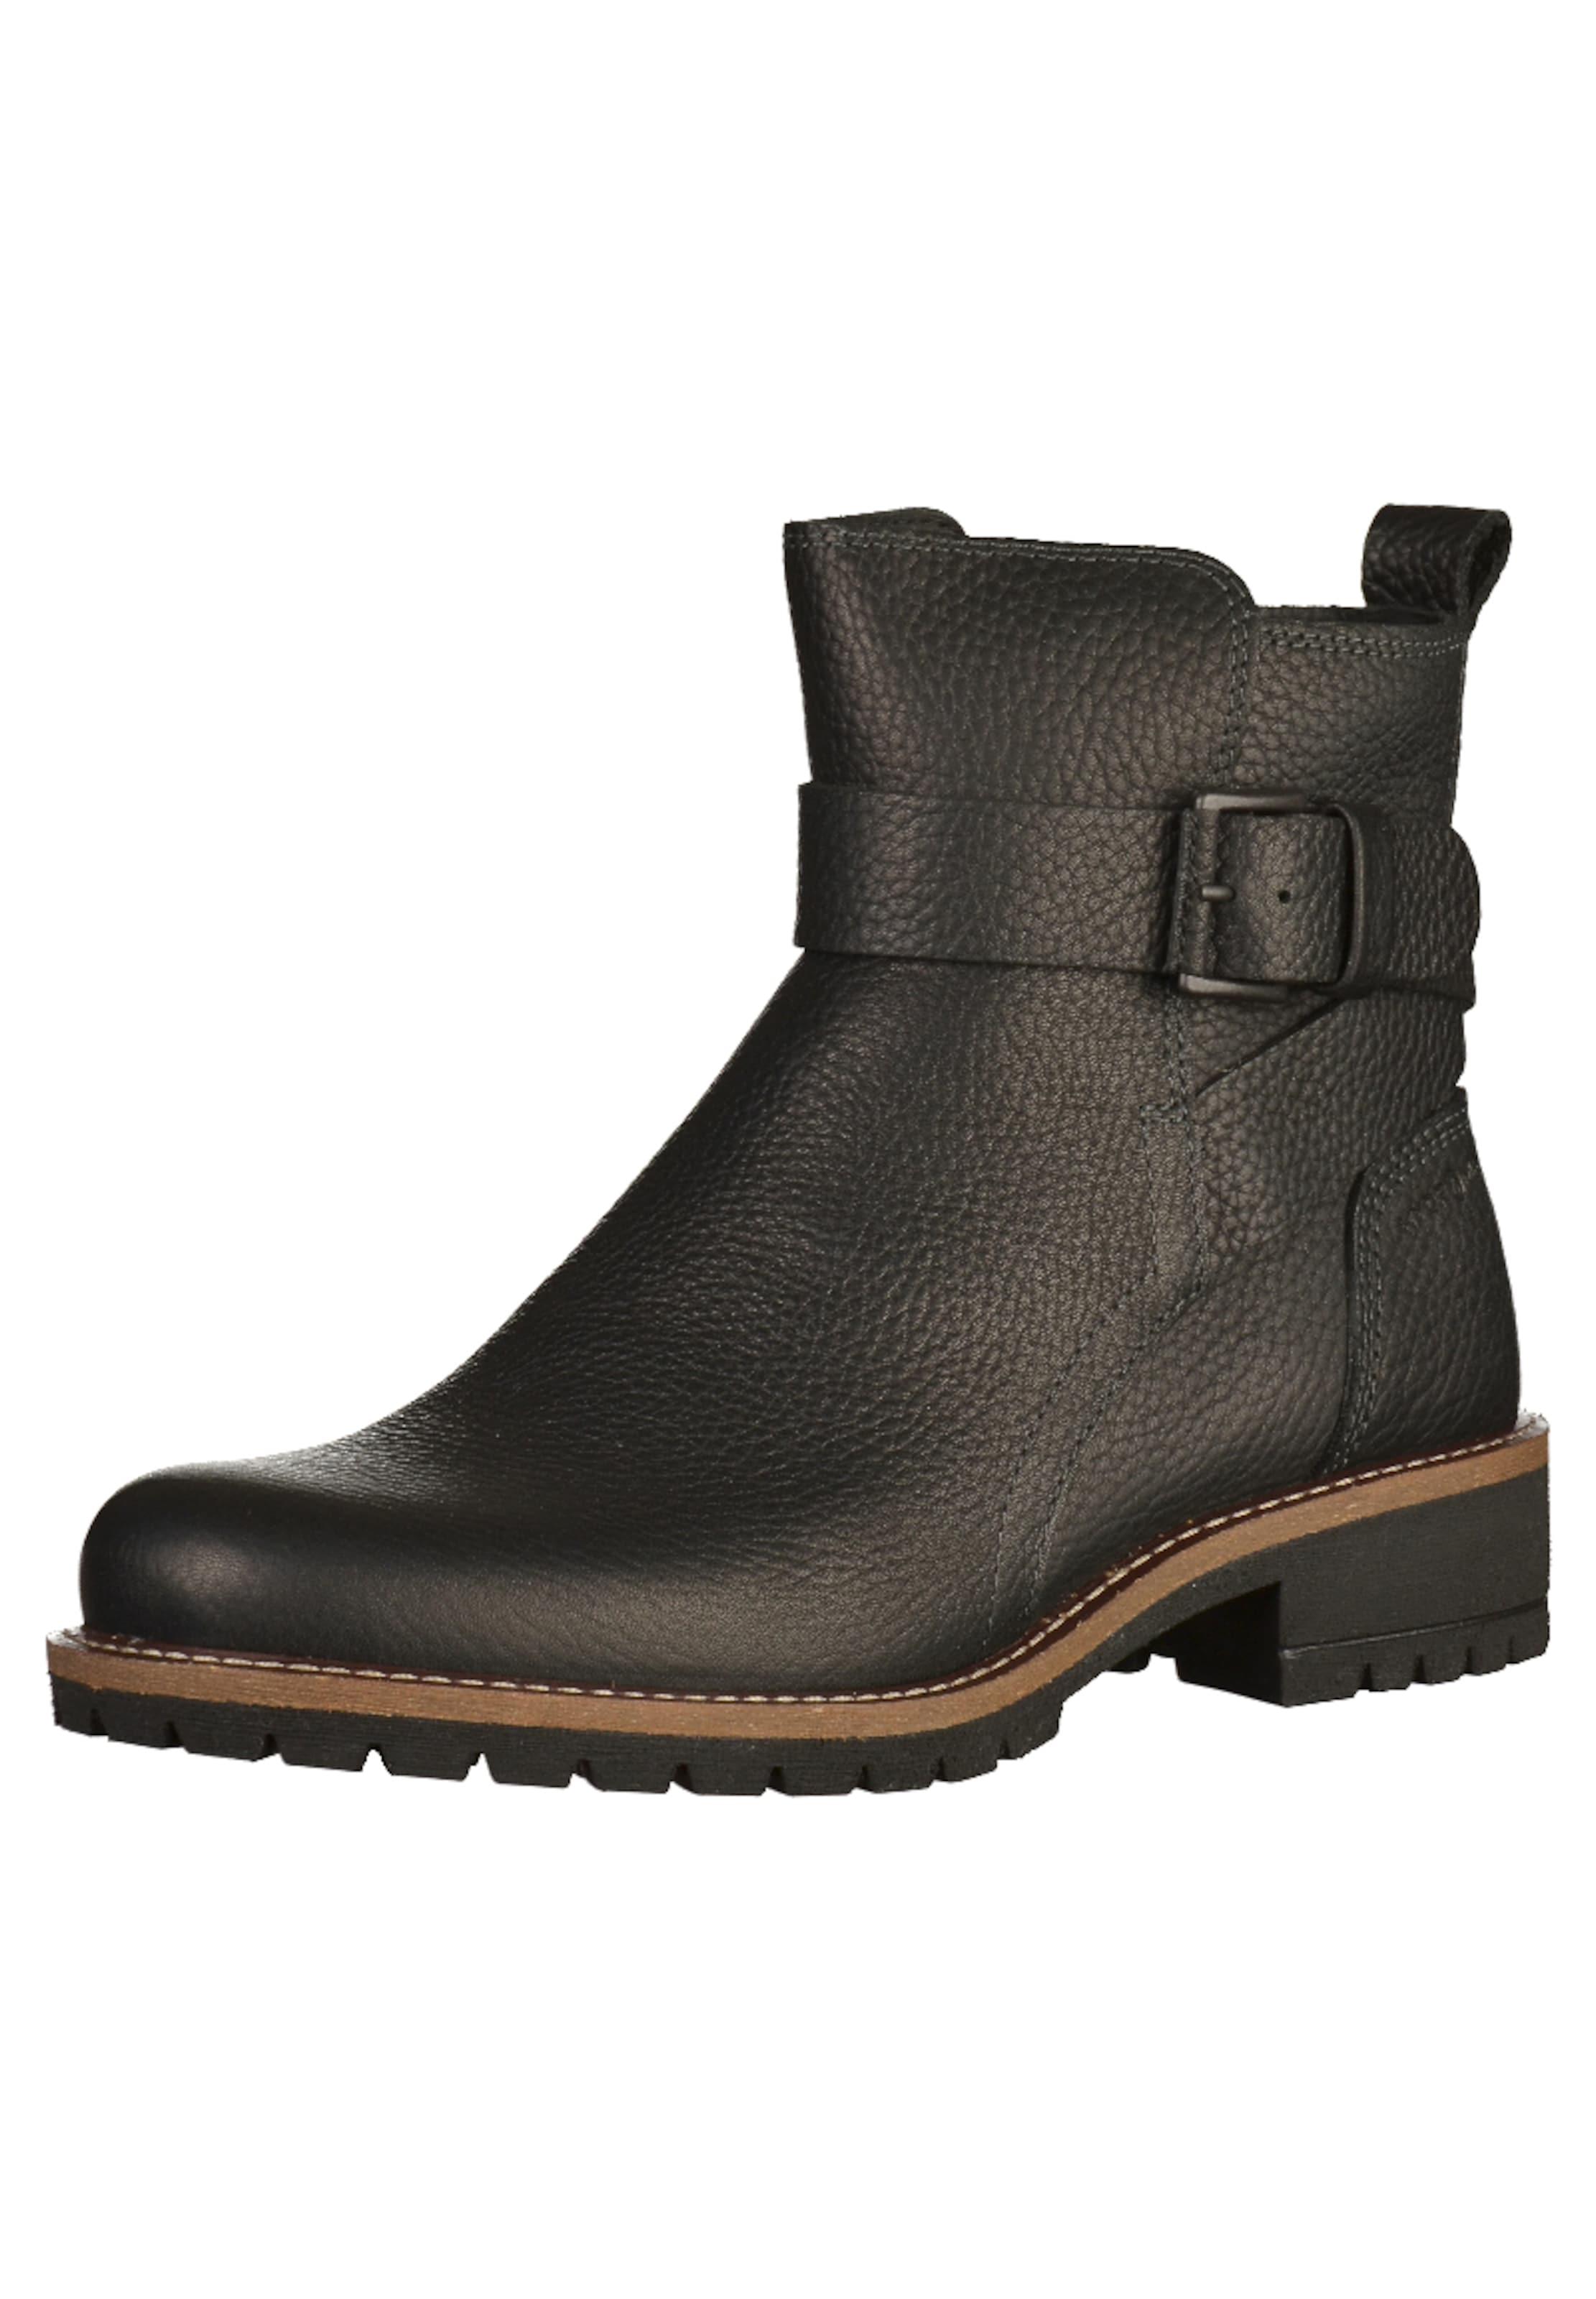 ECCO Stiefelette Verschleißfeste billige Schuhe Hohe Qualität